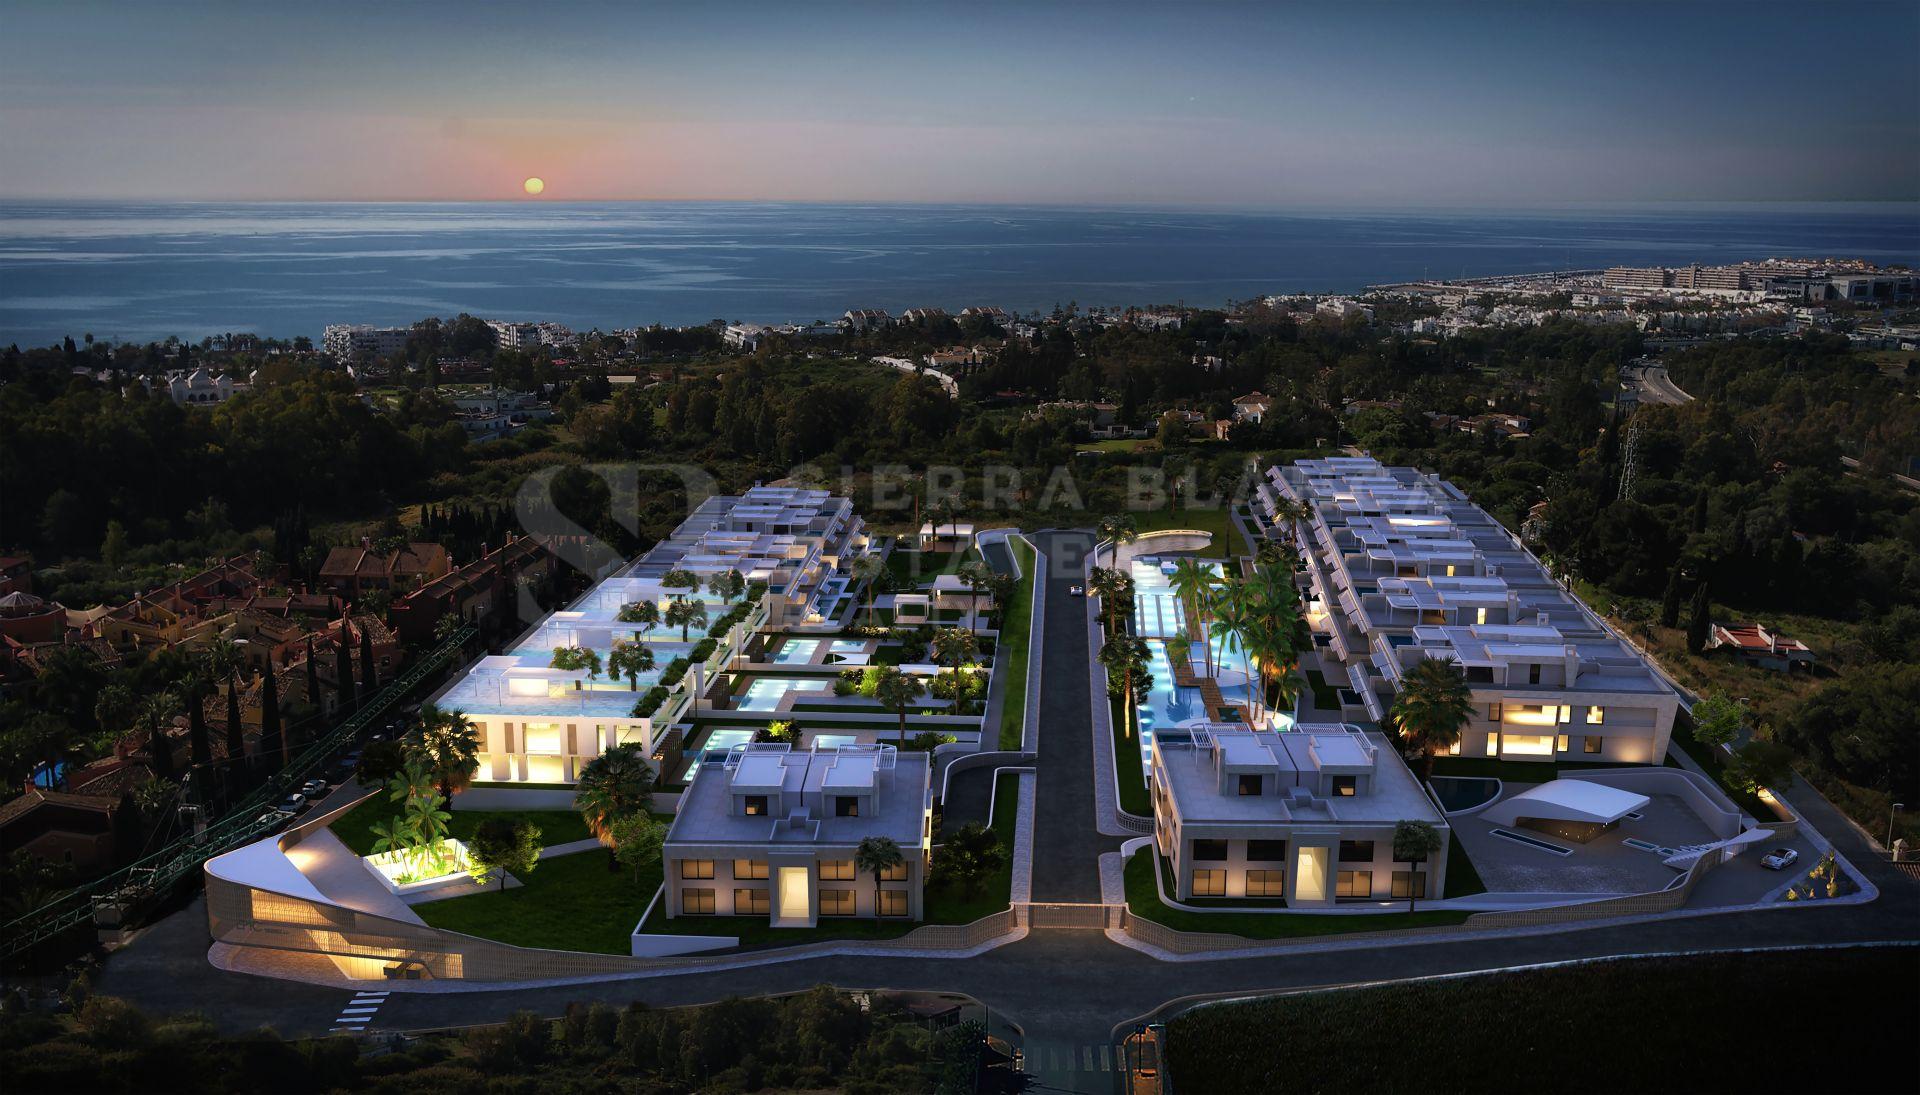 EPIC Marbella - El Lujo Verdadero en Marbella